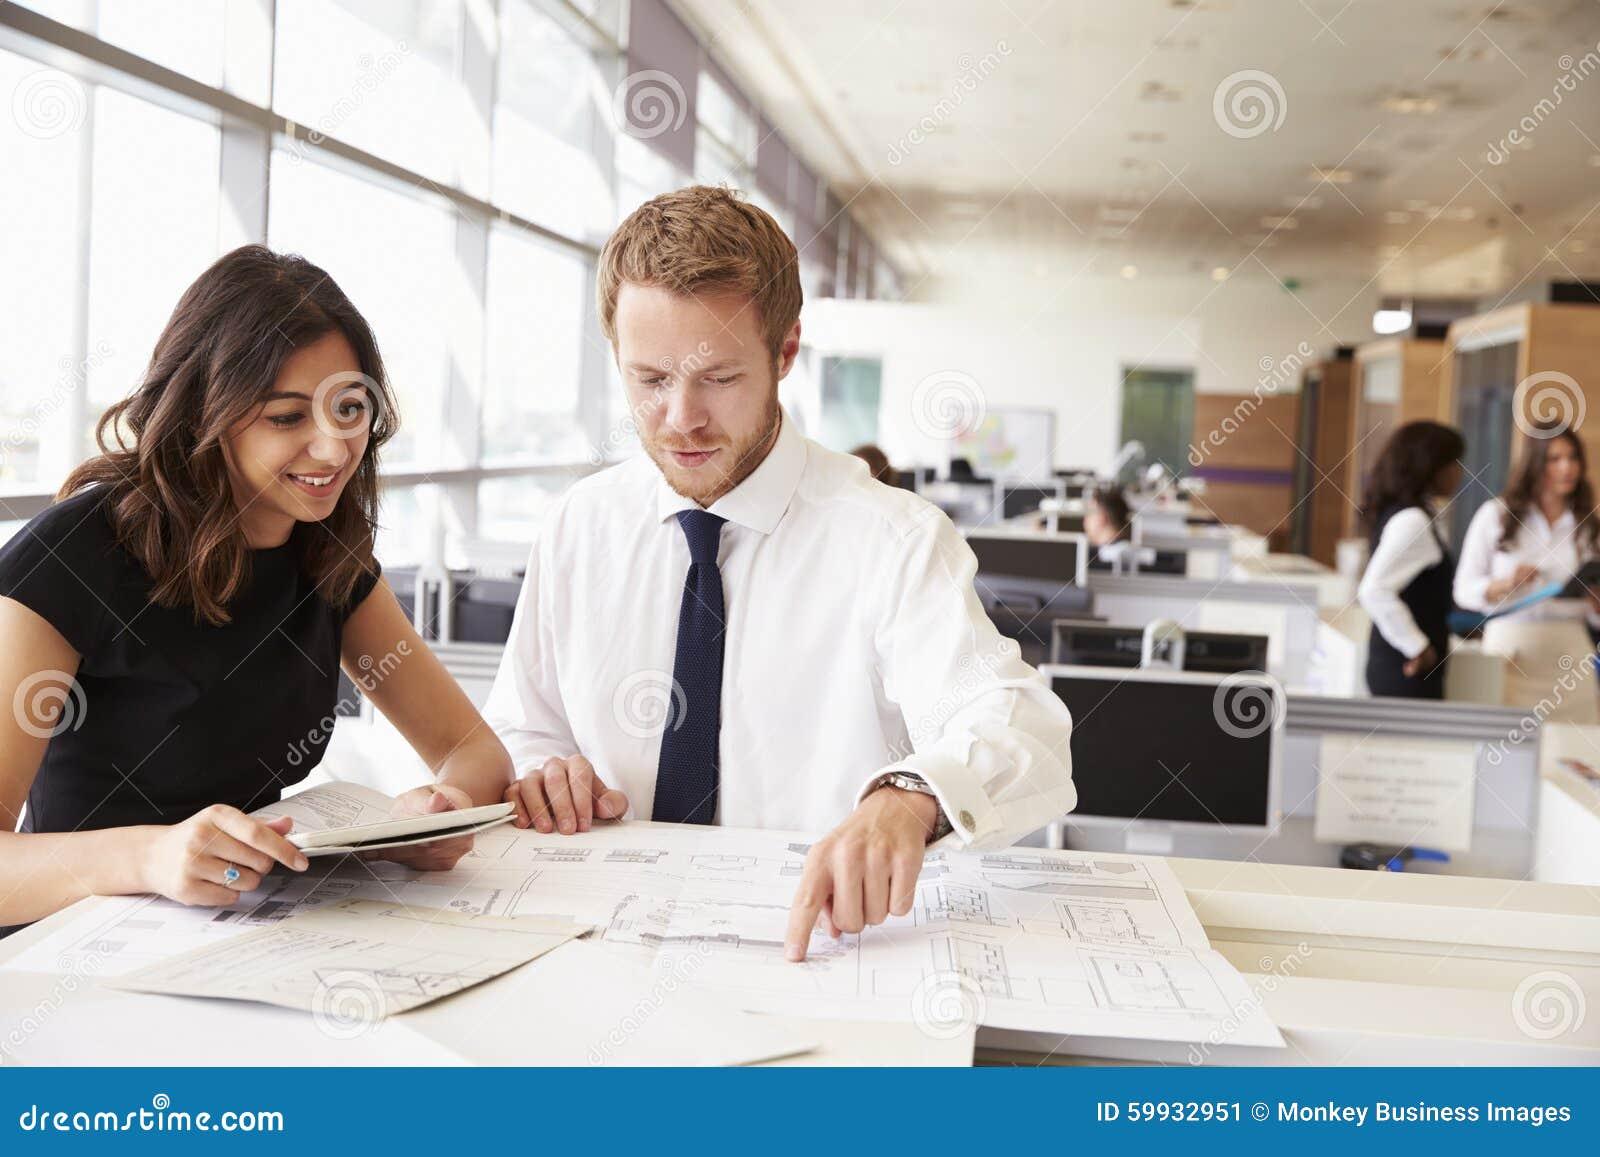 women and men working together Women in design 2017: women working together  of being the only woman in  a class or being the only woman in a room full of men.